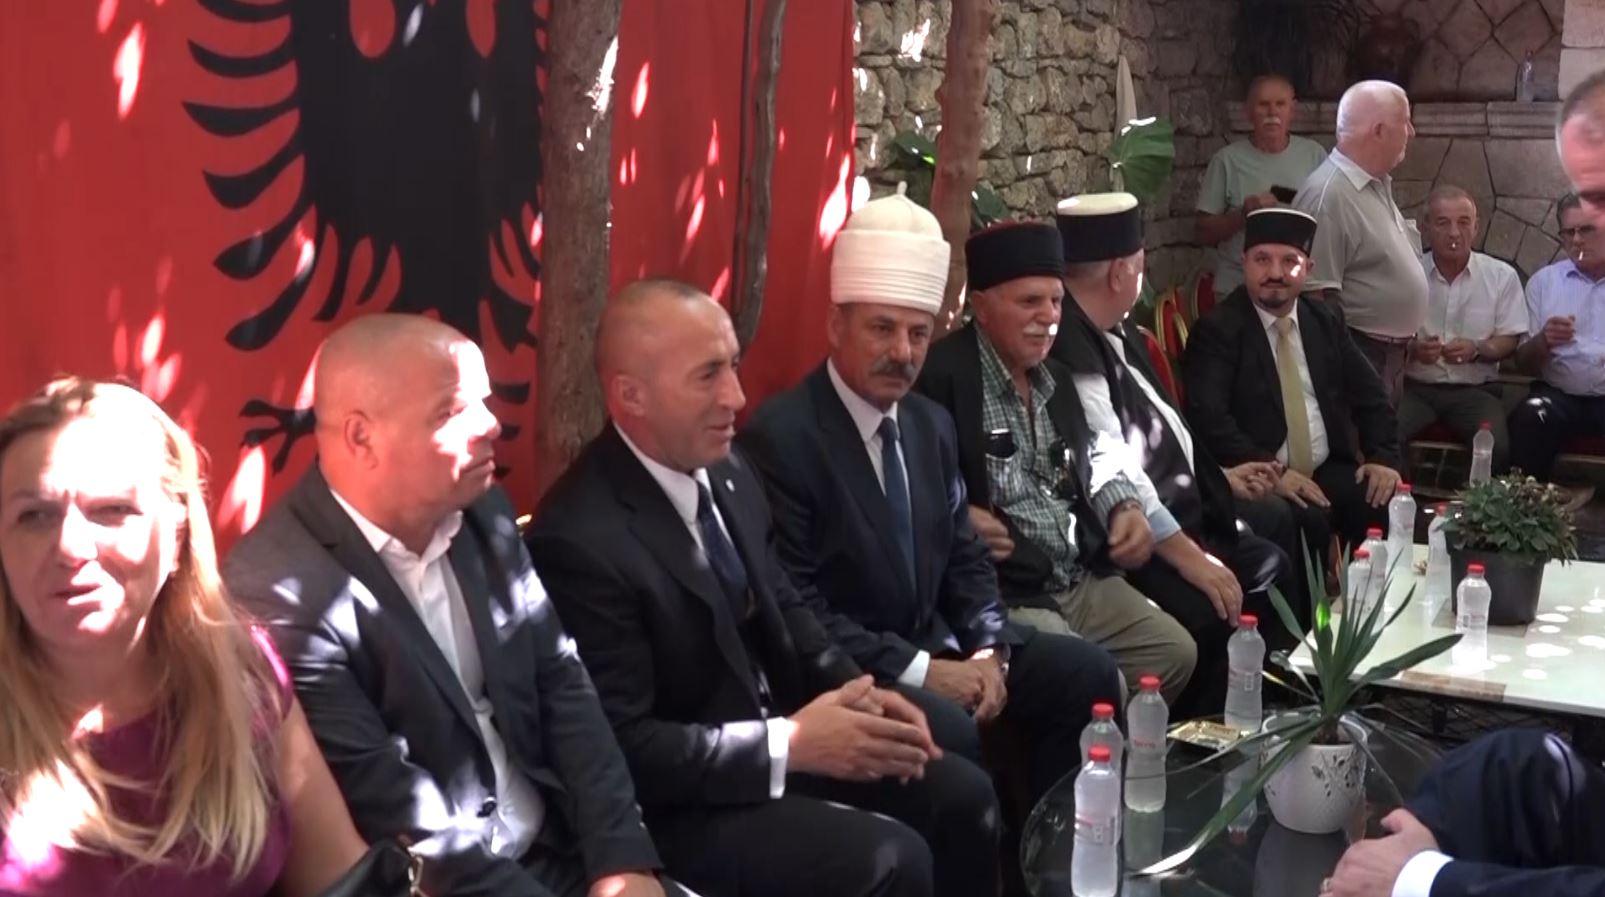 Analistët: Ramush Haradinaj po shkel kushtetutën, tashmë është ish-kryeministër